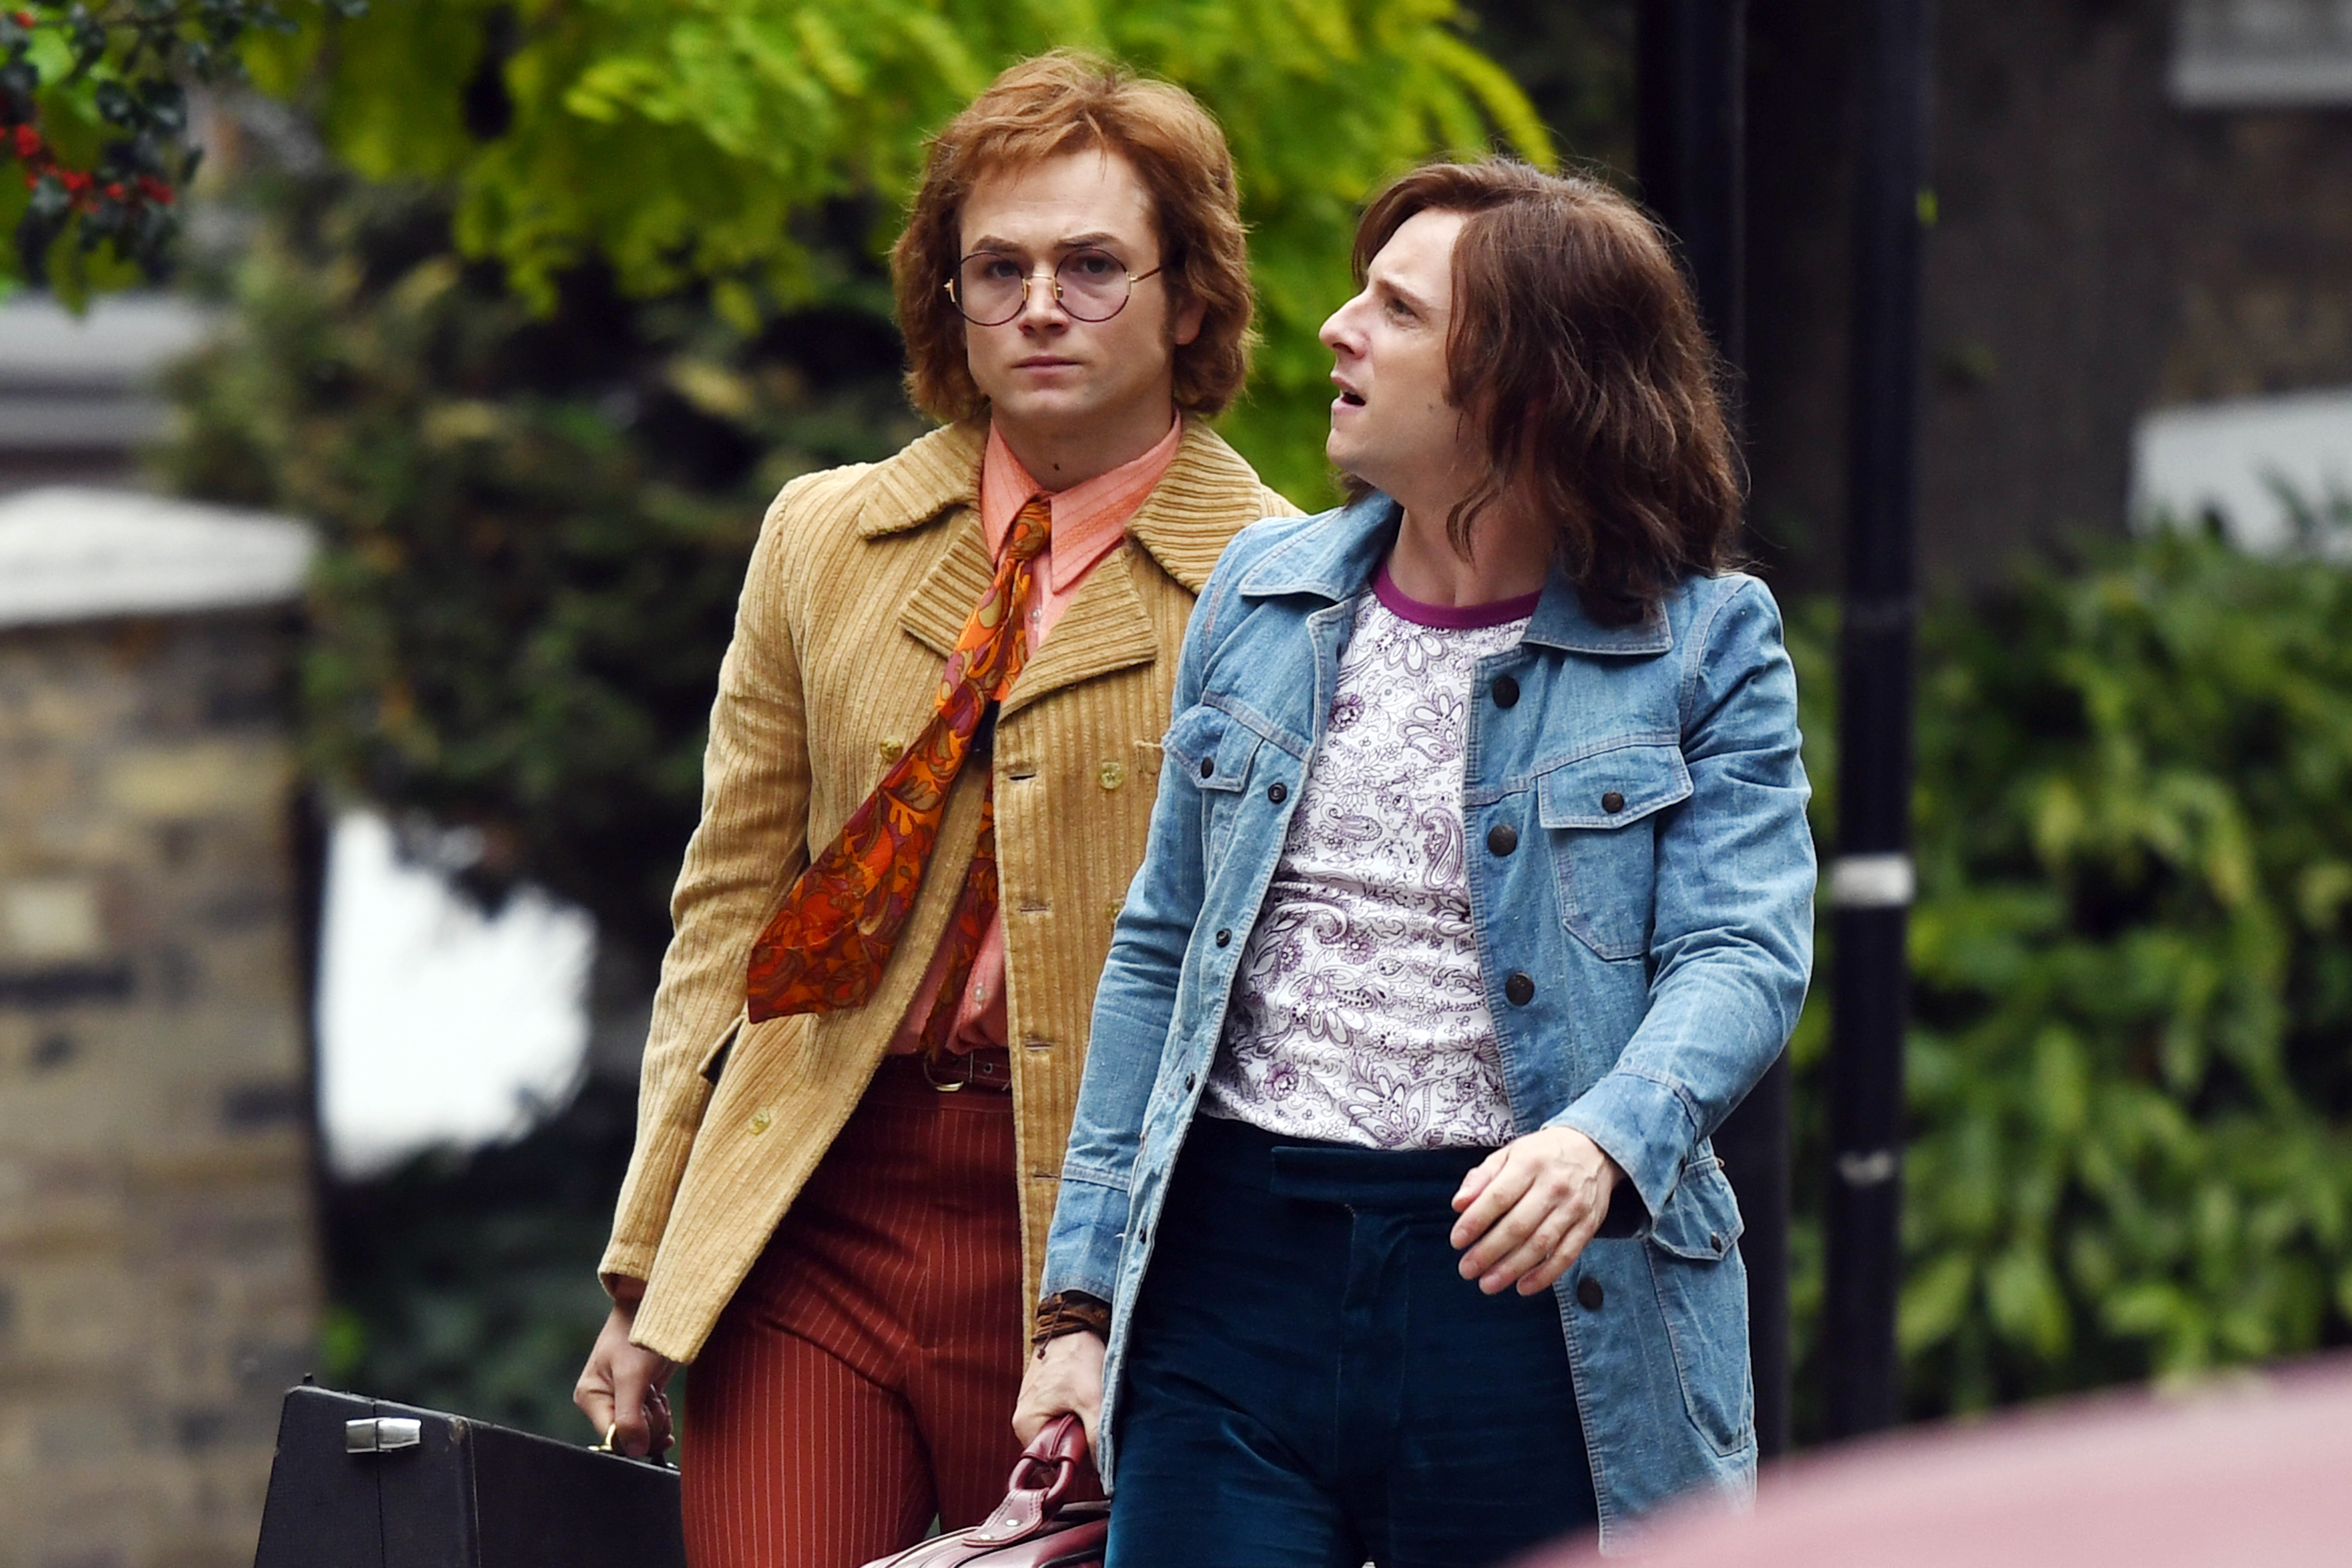 Elton John biopic